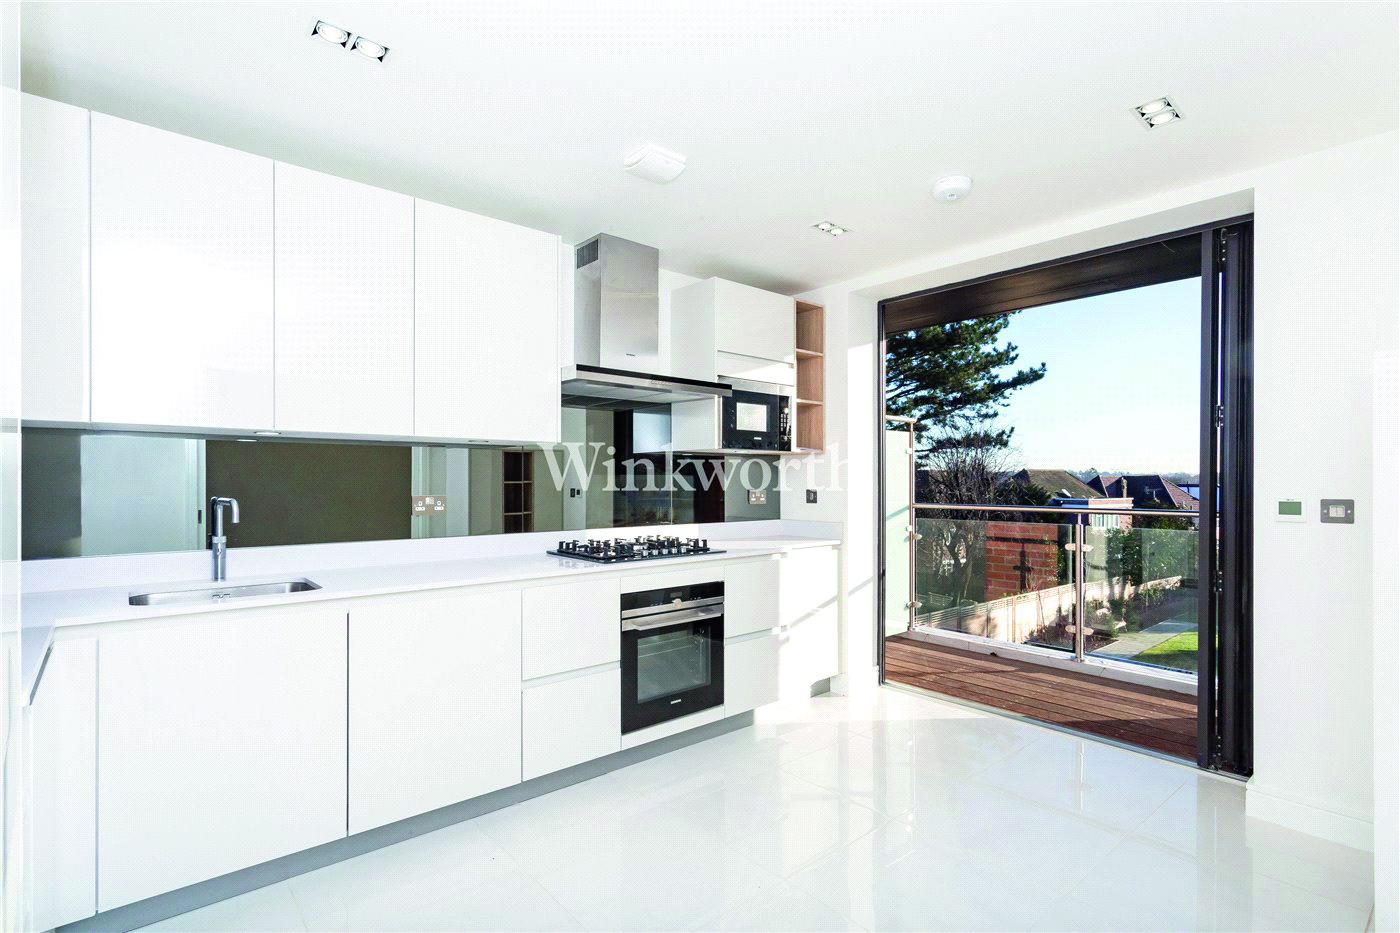 2 bedroom apartment in Tenterden Grove, London NW4